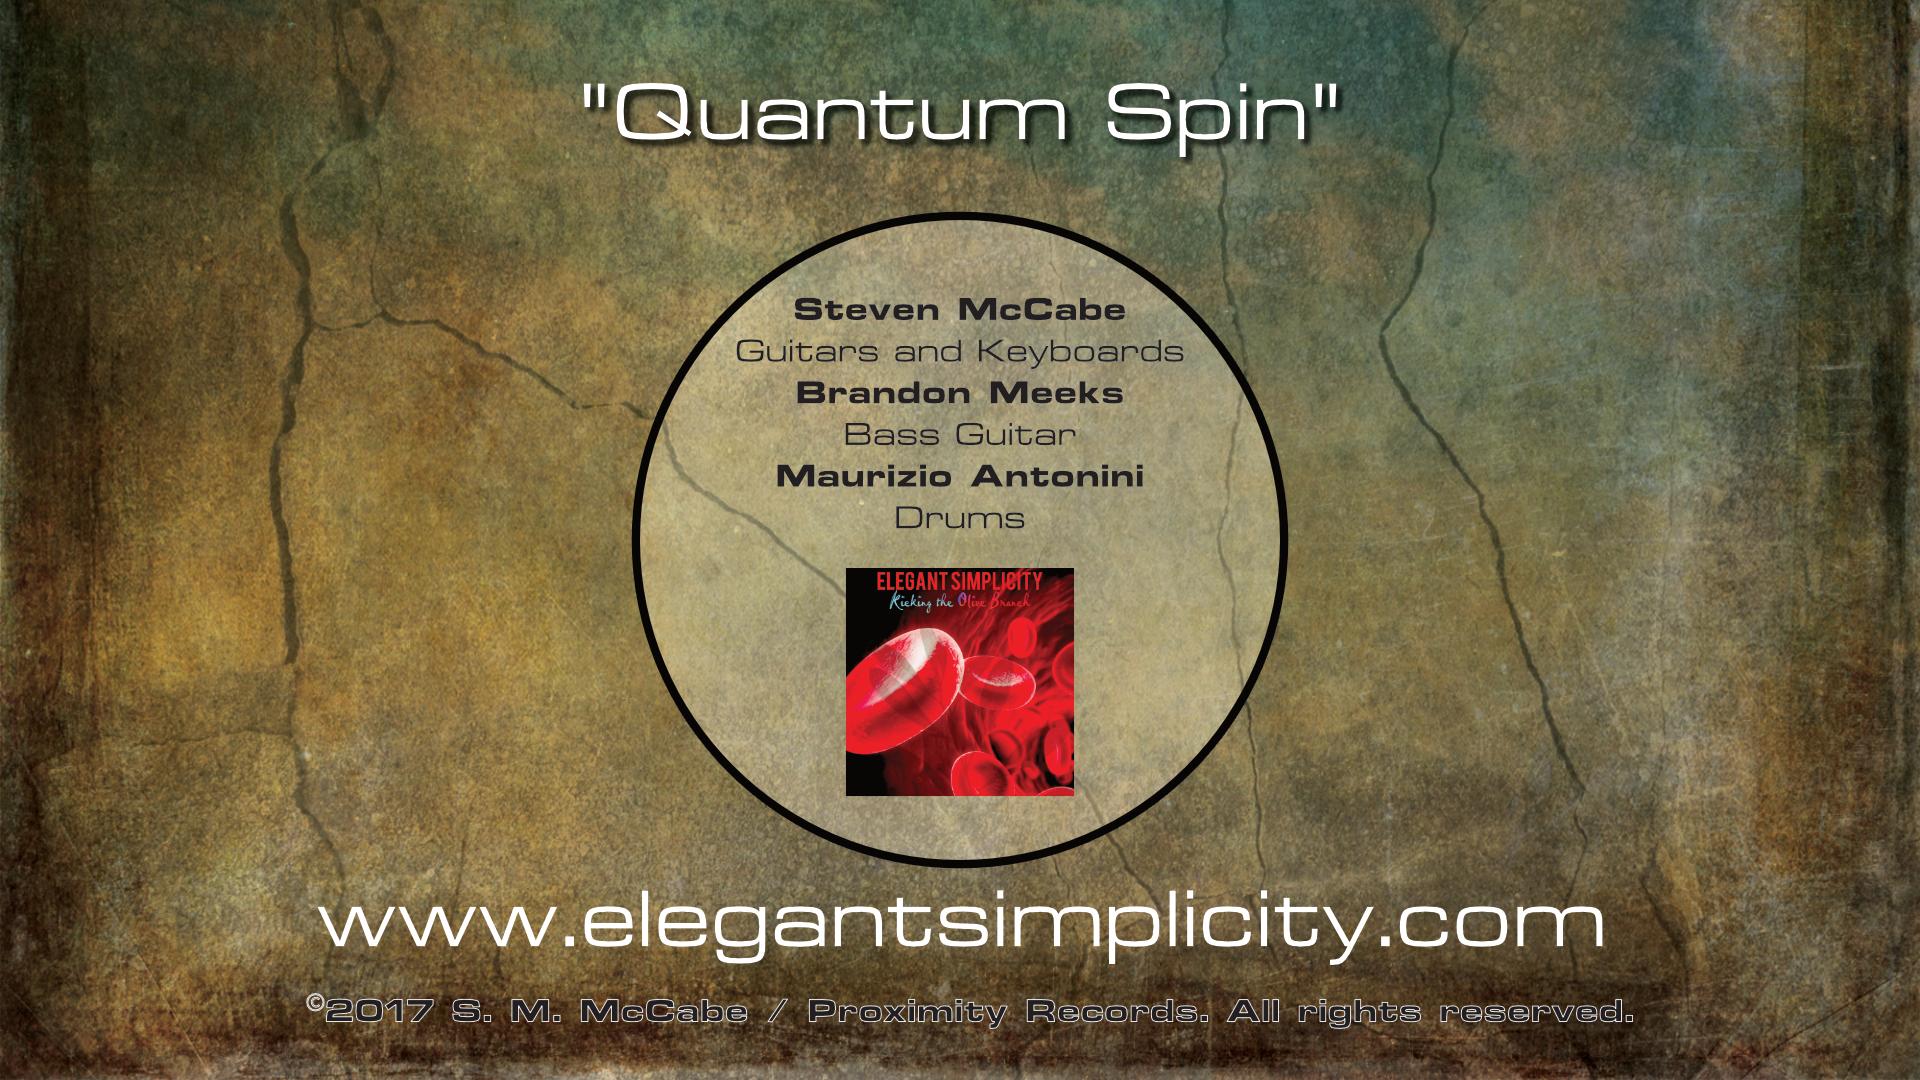 Quantum Spin Video